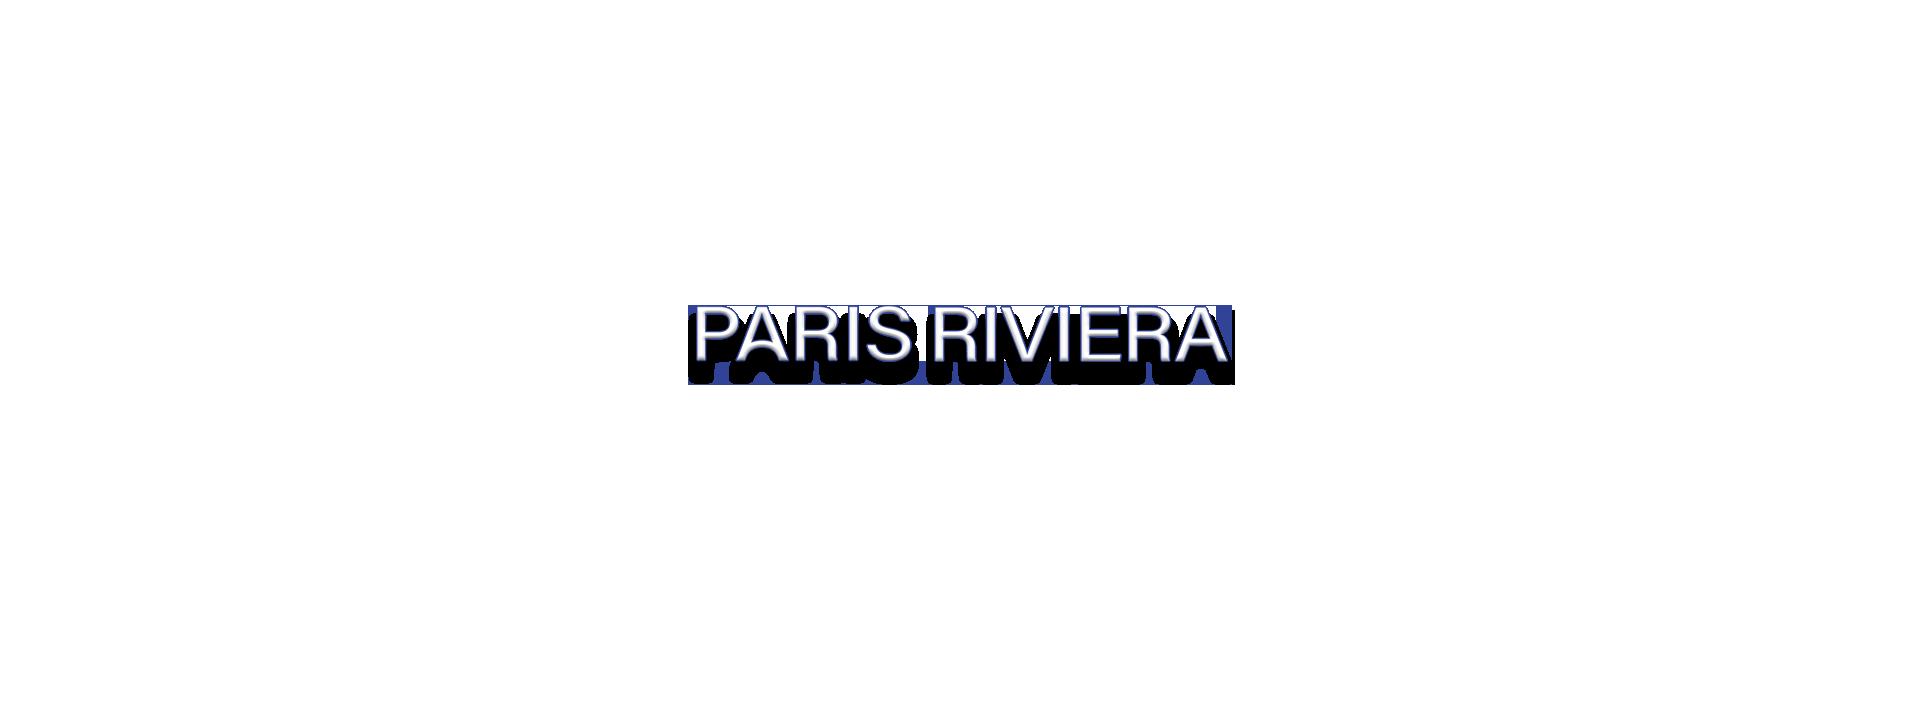 paris riviera